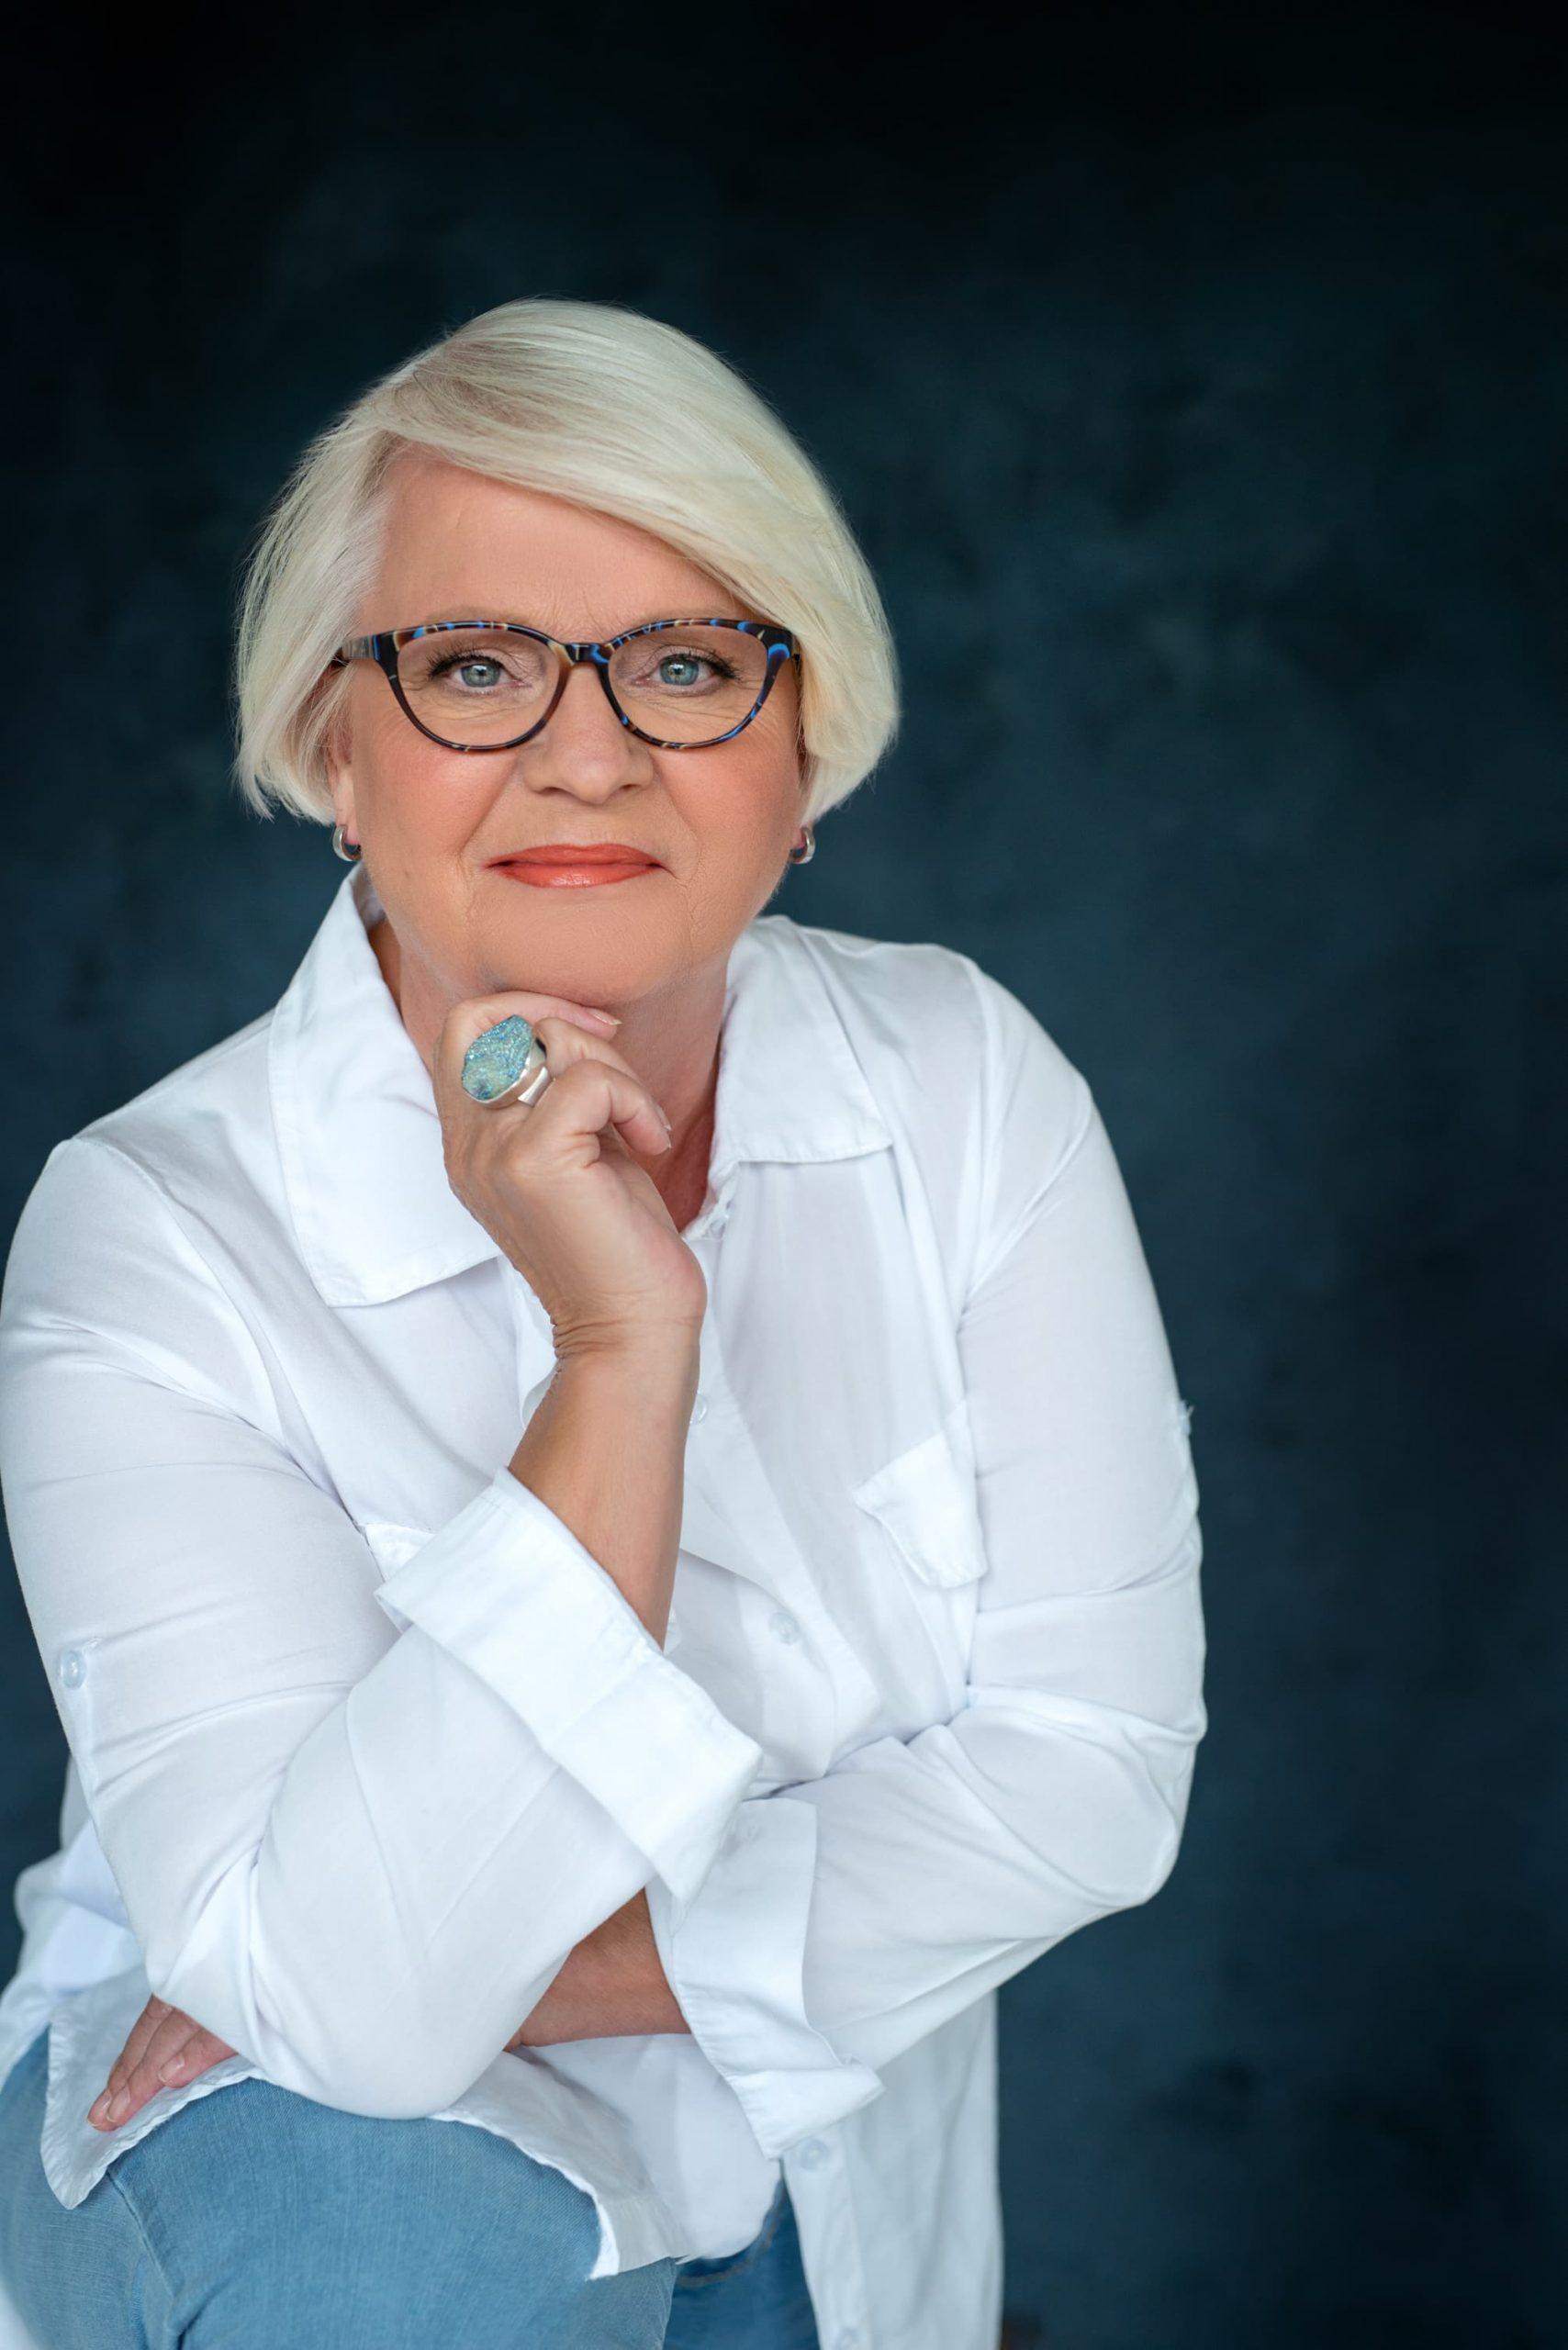 Personal Branding witte blouse met bril